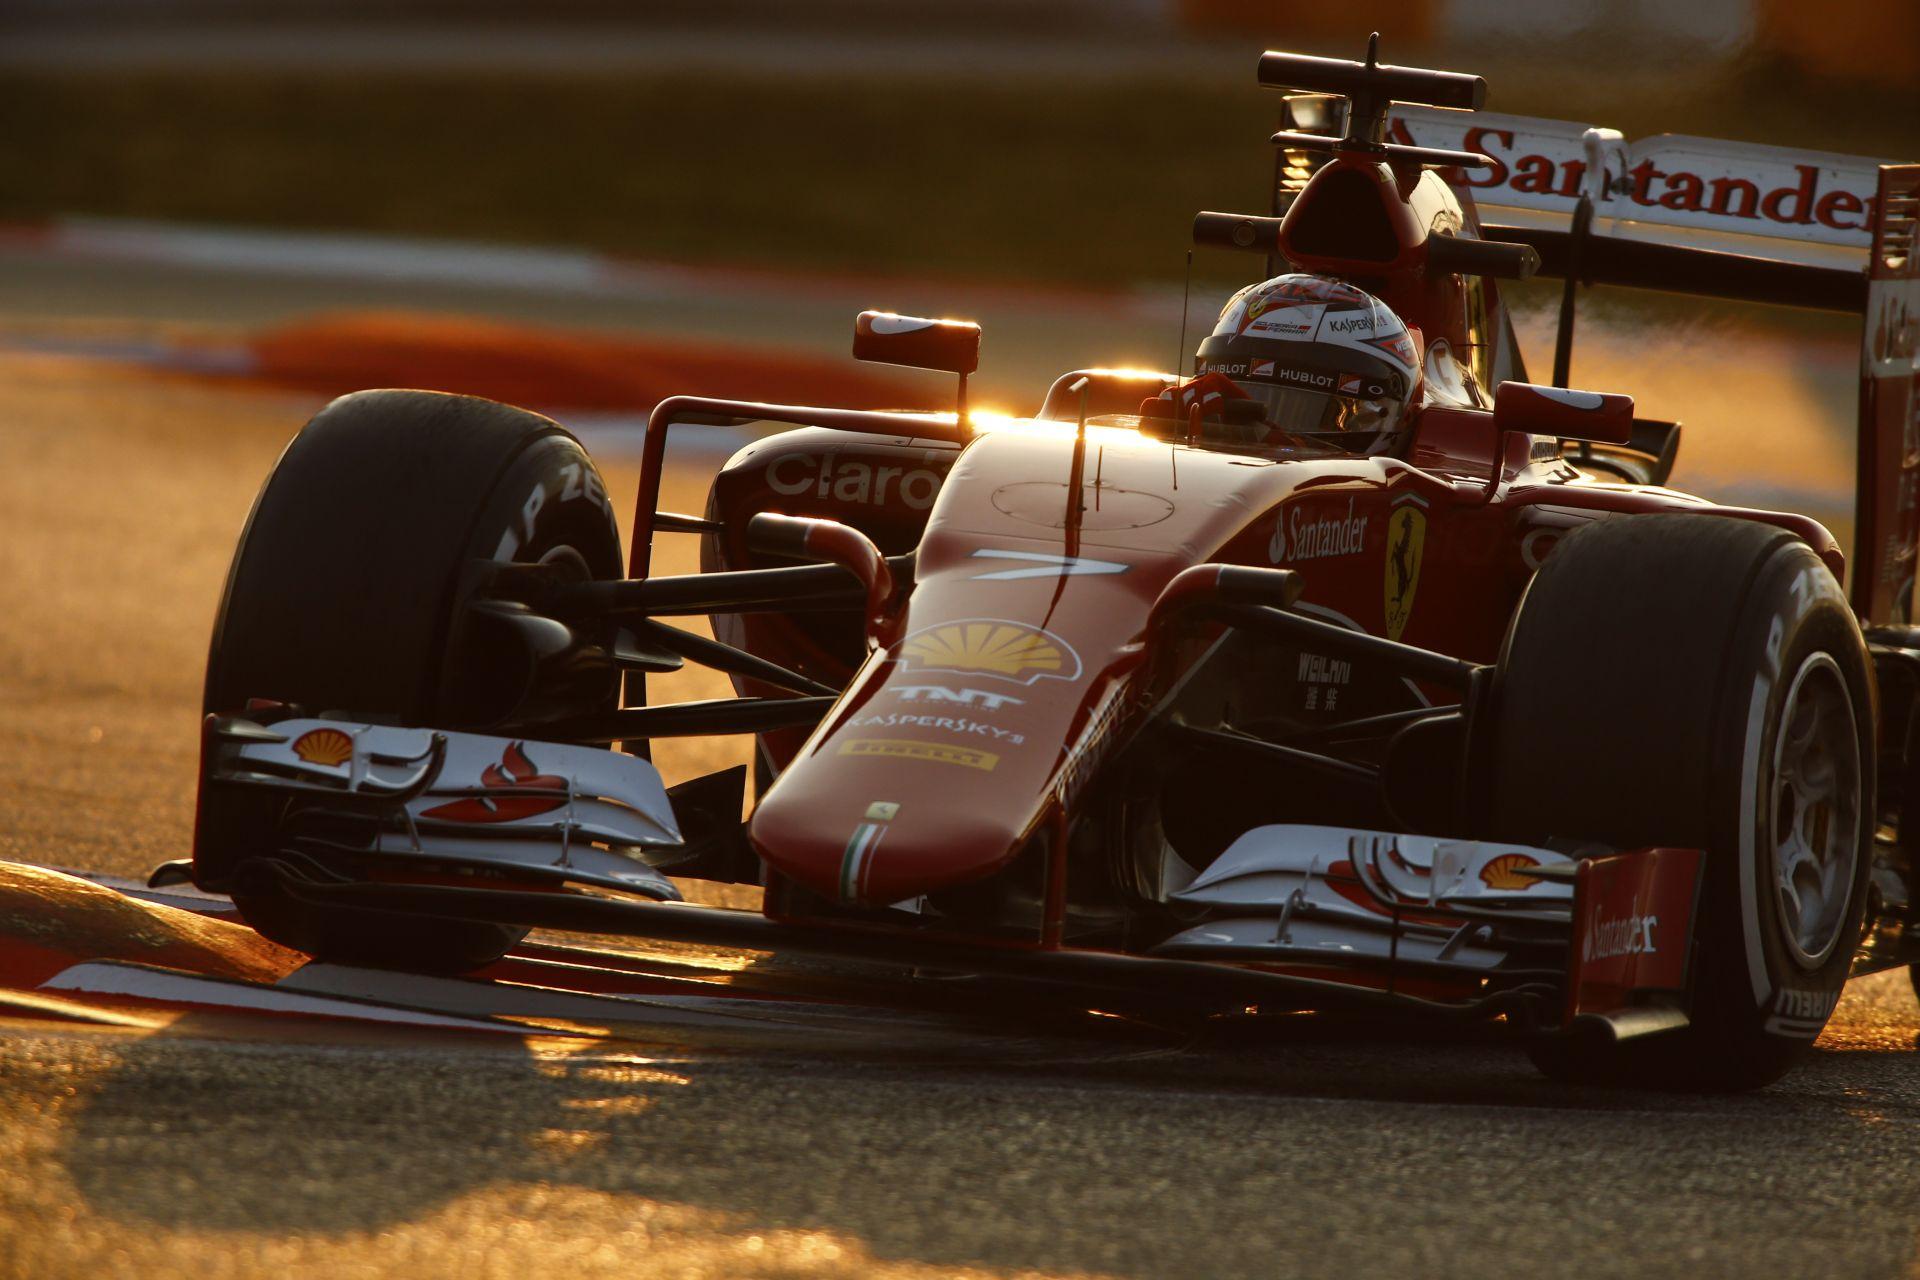 Az utolsó téli teszt következik a Forma-1-ben: Raikkonen, Hamilton, Button és a 2015-ös Force India is a pályán